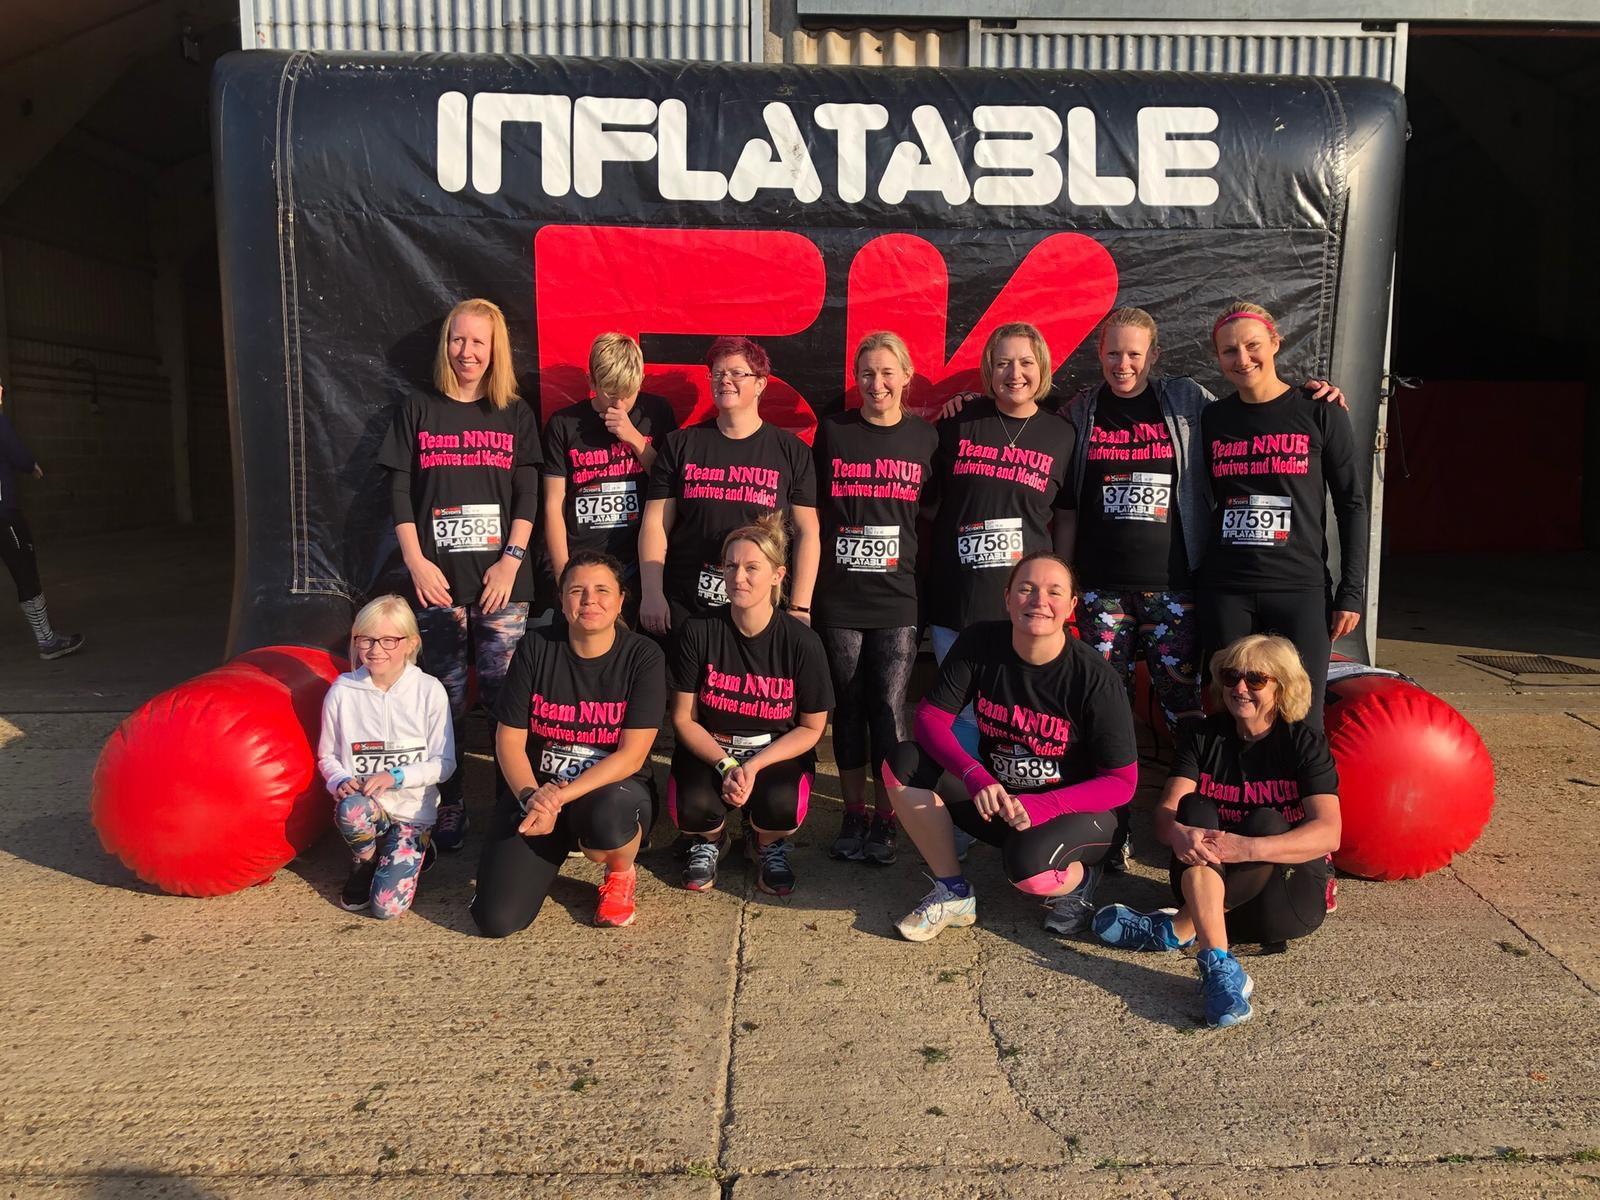 Marathon challenge supports runner who suffered stroke